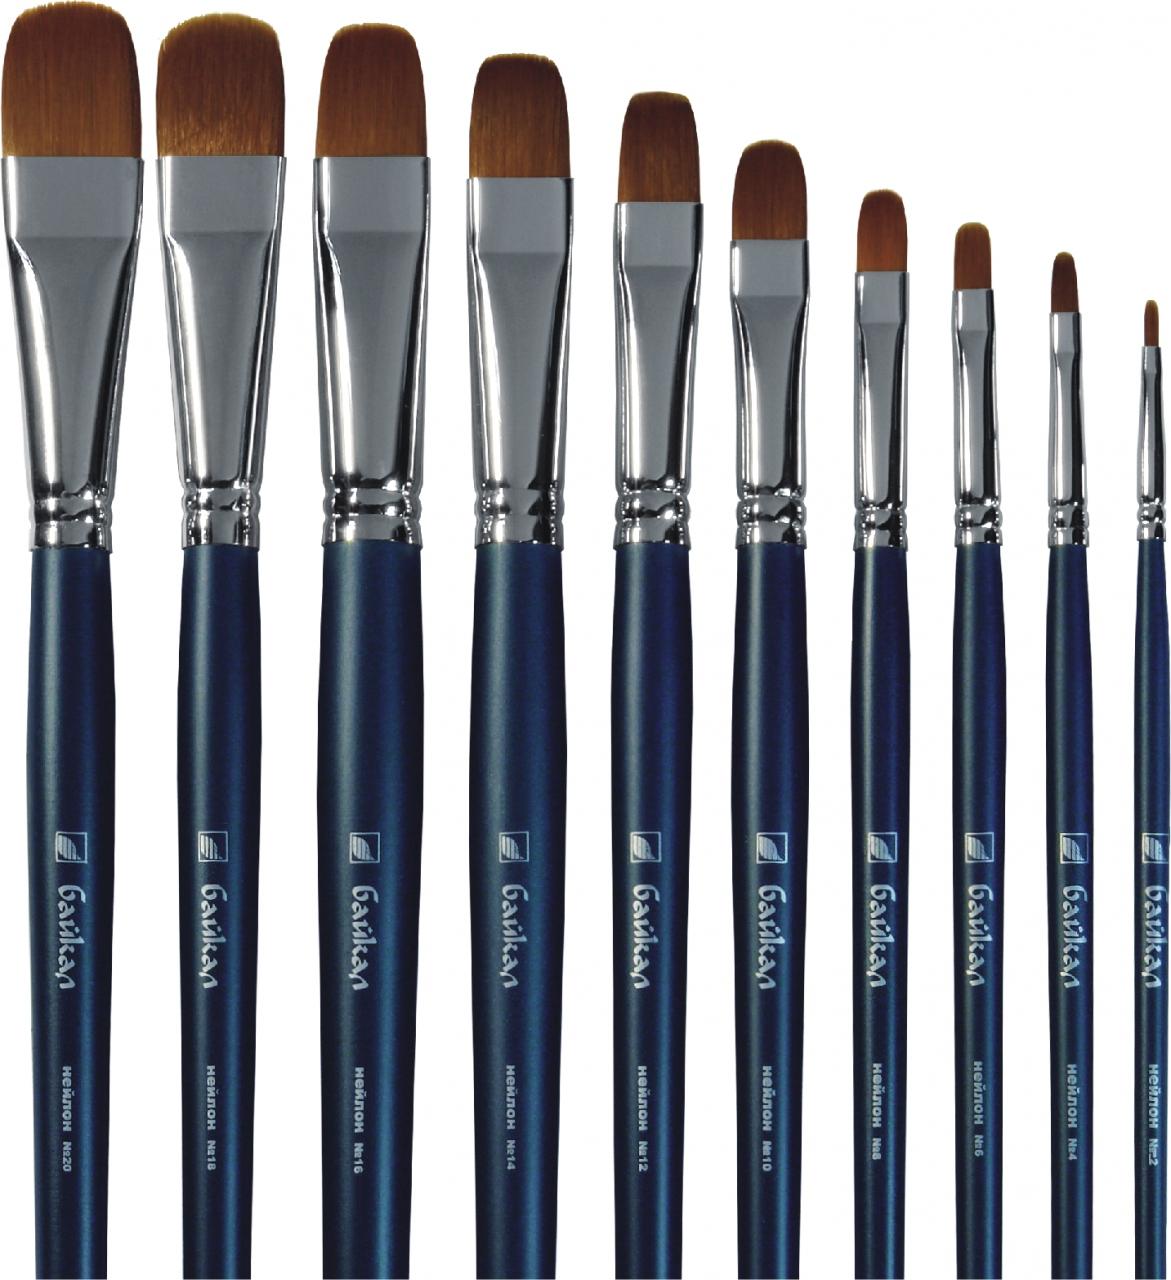 Купить Кисть синтетика №16 овальная Альбатрос Байкал длинная ручка, Россия